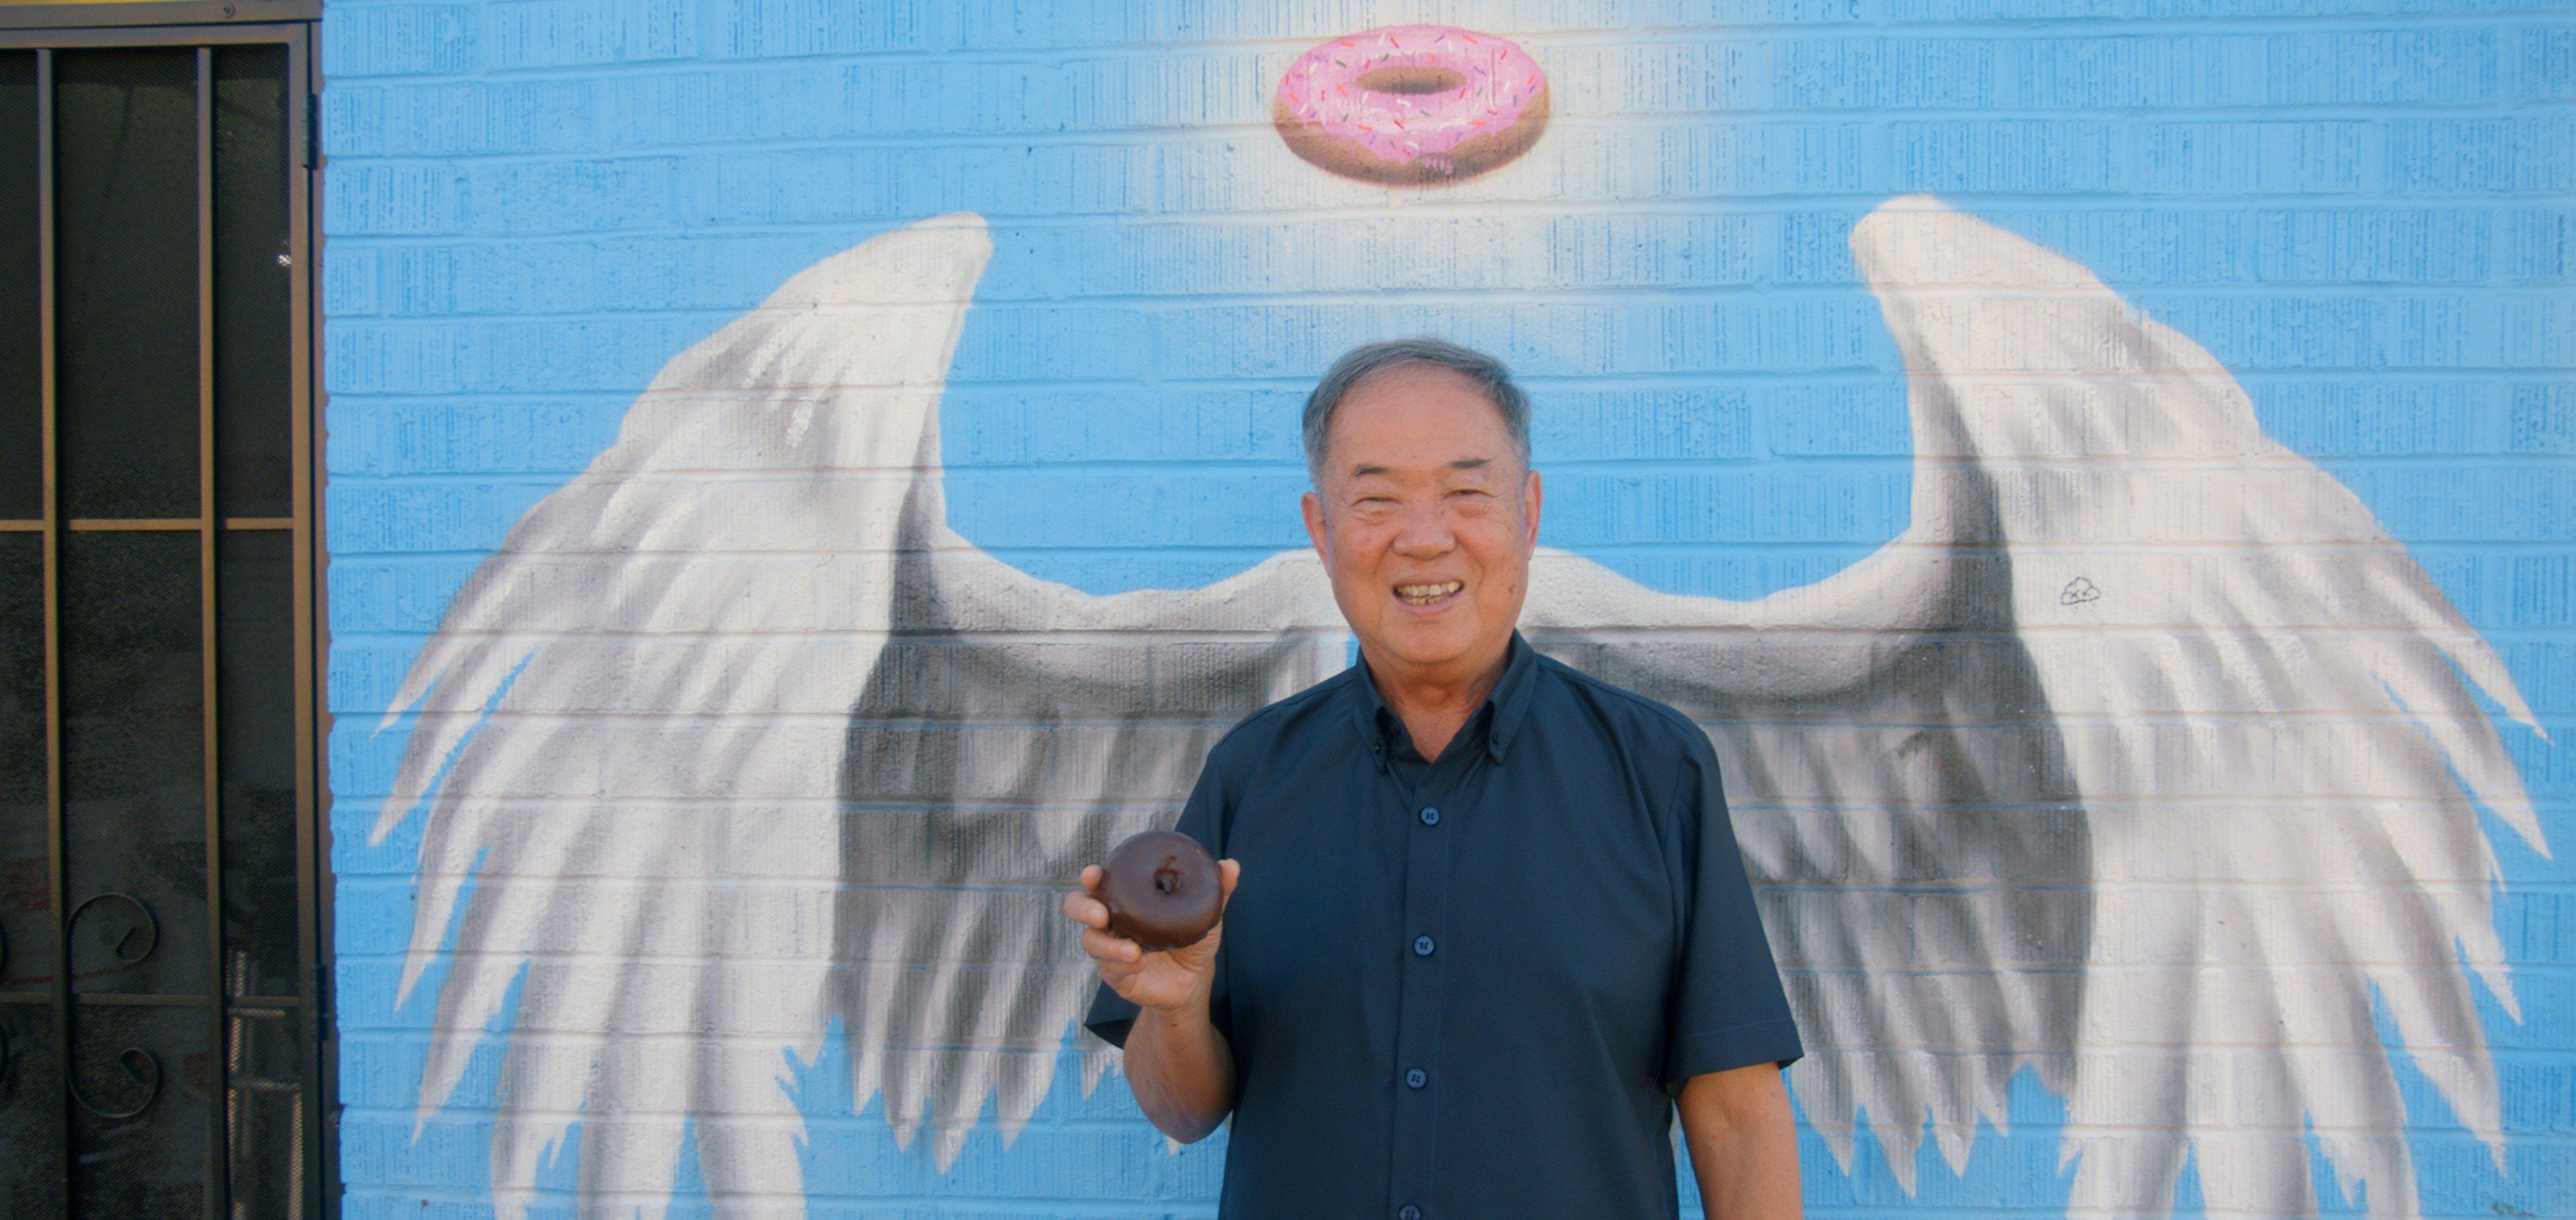 Ted Ngoy AKA The Donut King